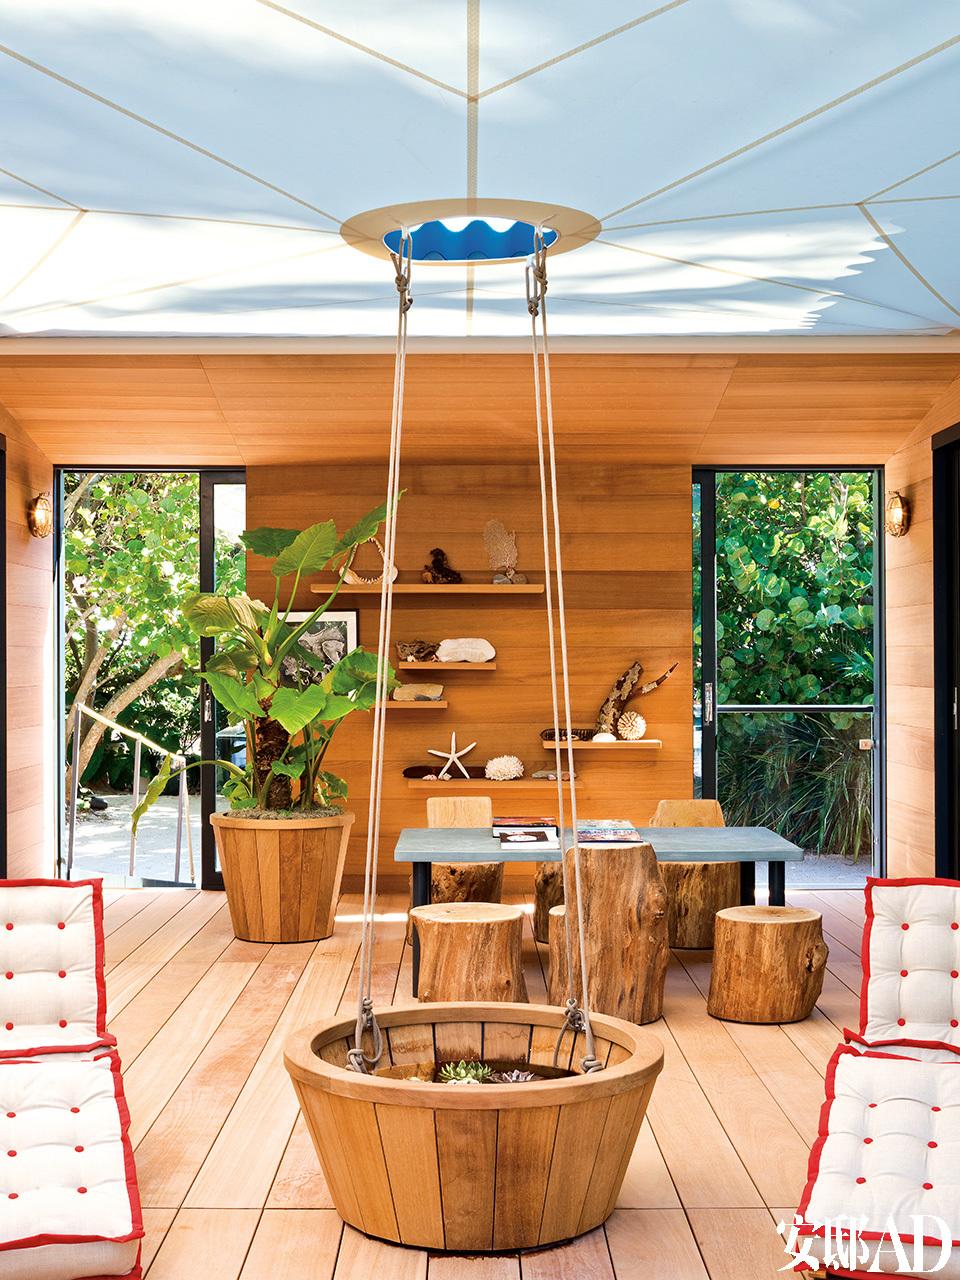 """独特的设计让人仿佛置身于船上,一张简单的船帆在屋顶撑开,使得这间露天房屋免受阳光直射。在前排,两把覆盖有红色镶边坐垫的长椅吸引着人们的眼球,长椅源自夏洛特在1929~1942年期间创作的家具系列,这一系列家具是根据档案图片专为""""水上之屋""""项目定制的。"""